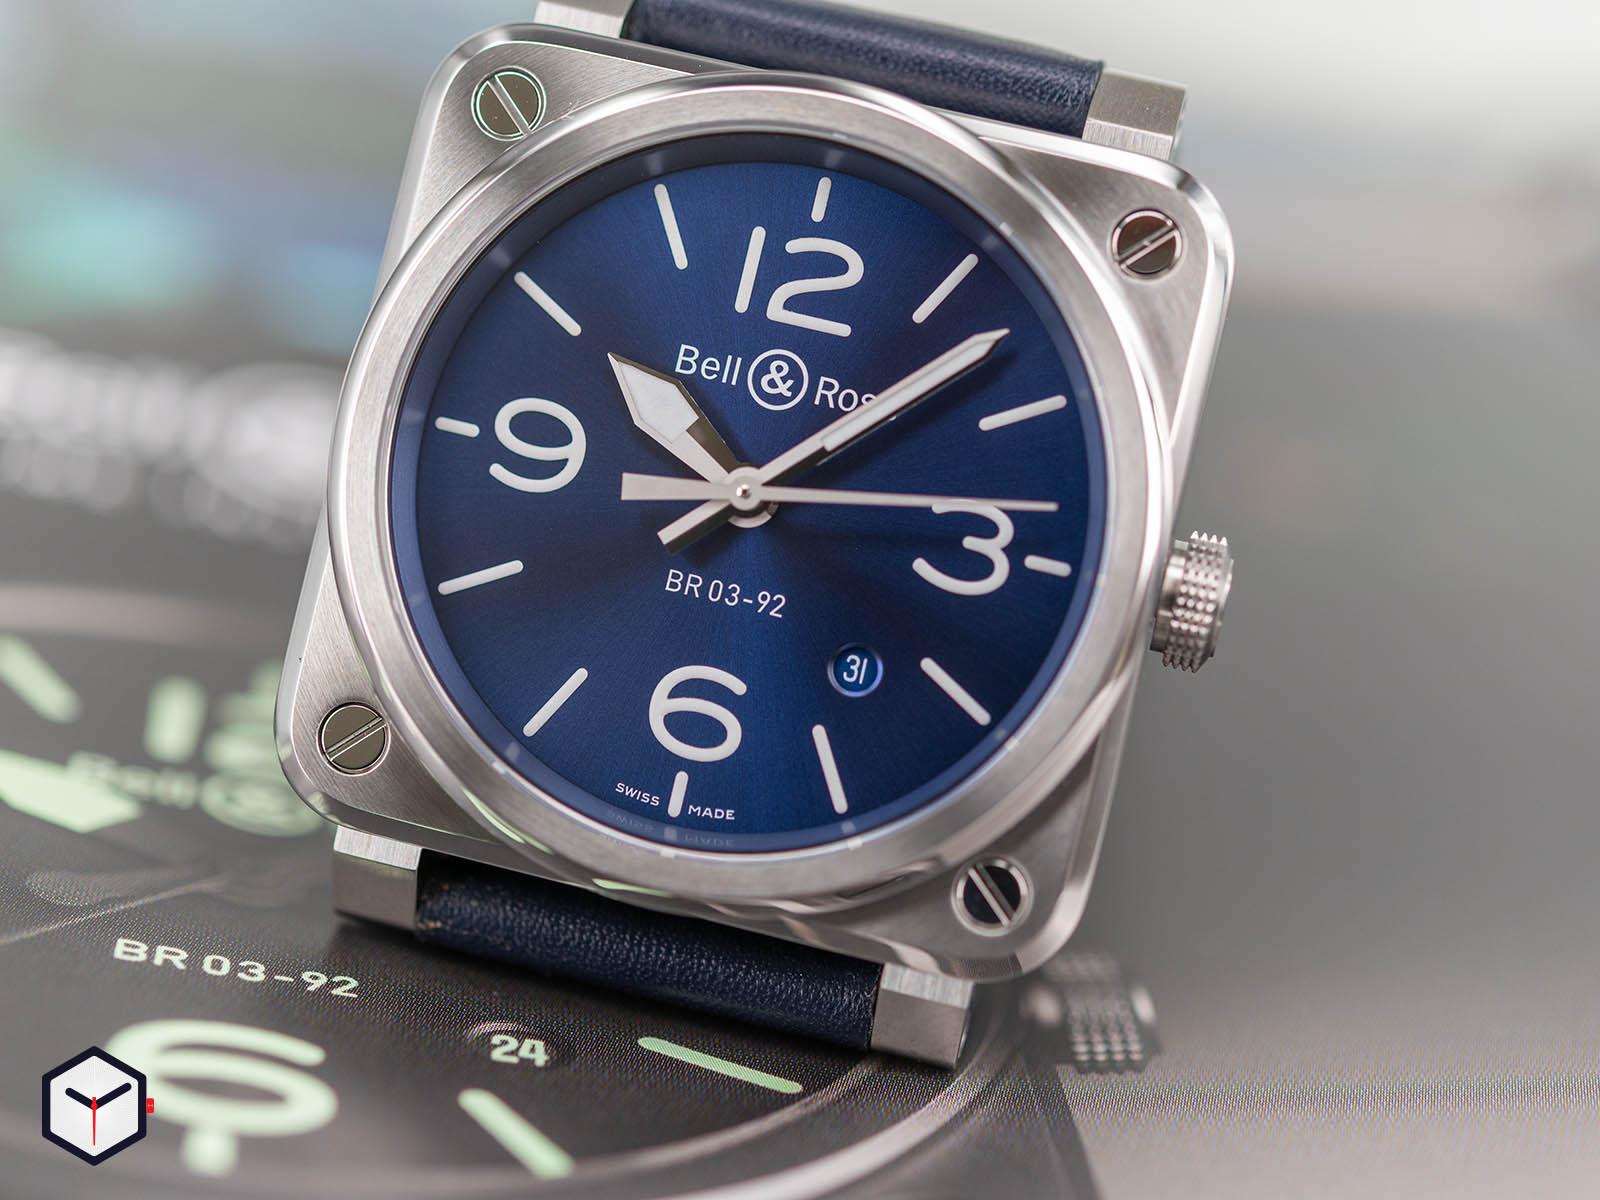 br0392-blu-st-sca-bell-ross-br-03-92-blue-steel-2.jpg